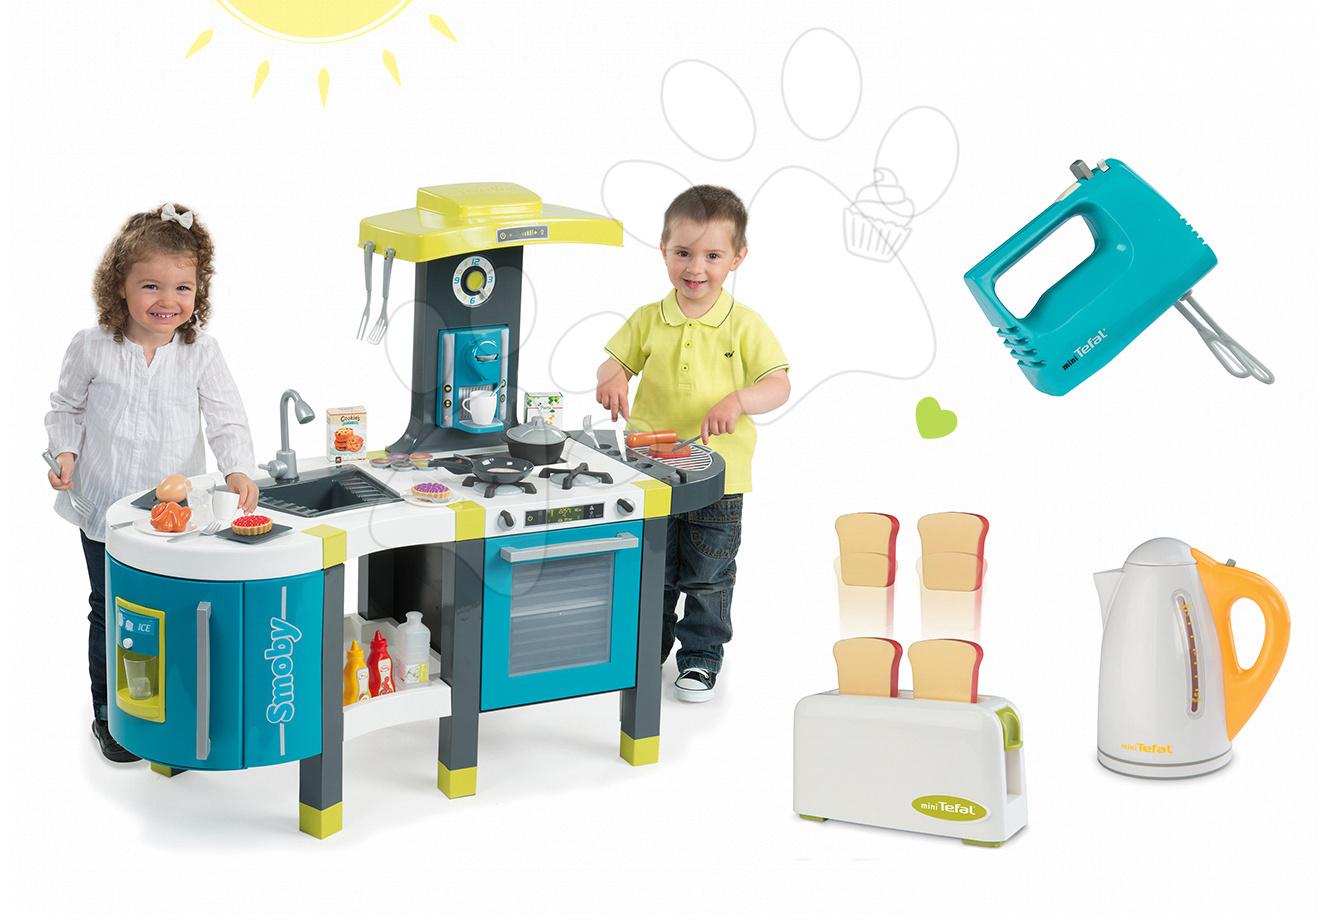 Set kuchyňka pro děti Tefal French Touch Smoby s ledem a kávovarem a 3 kuchyňské spotřebiče Tefal